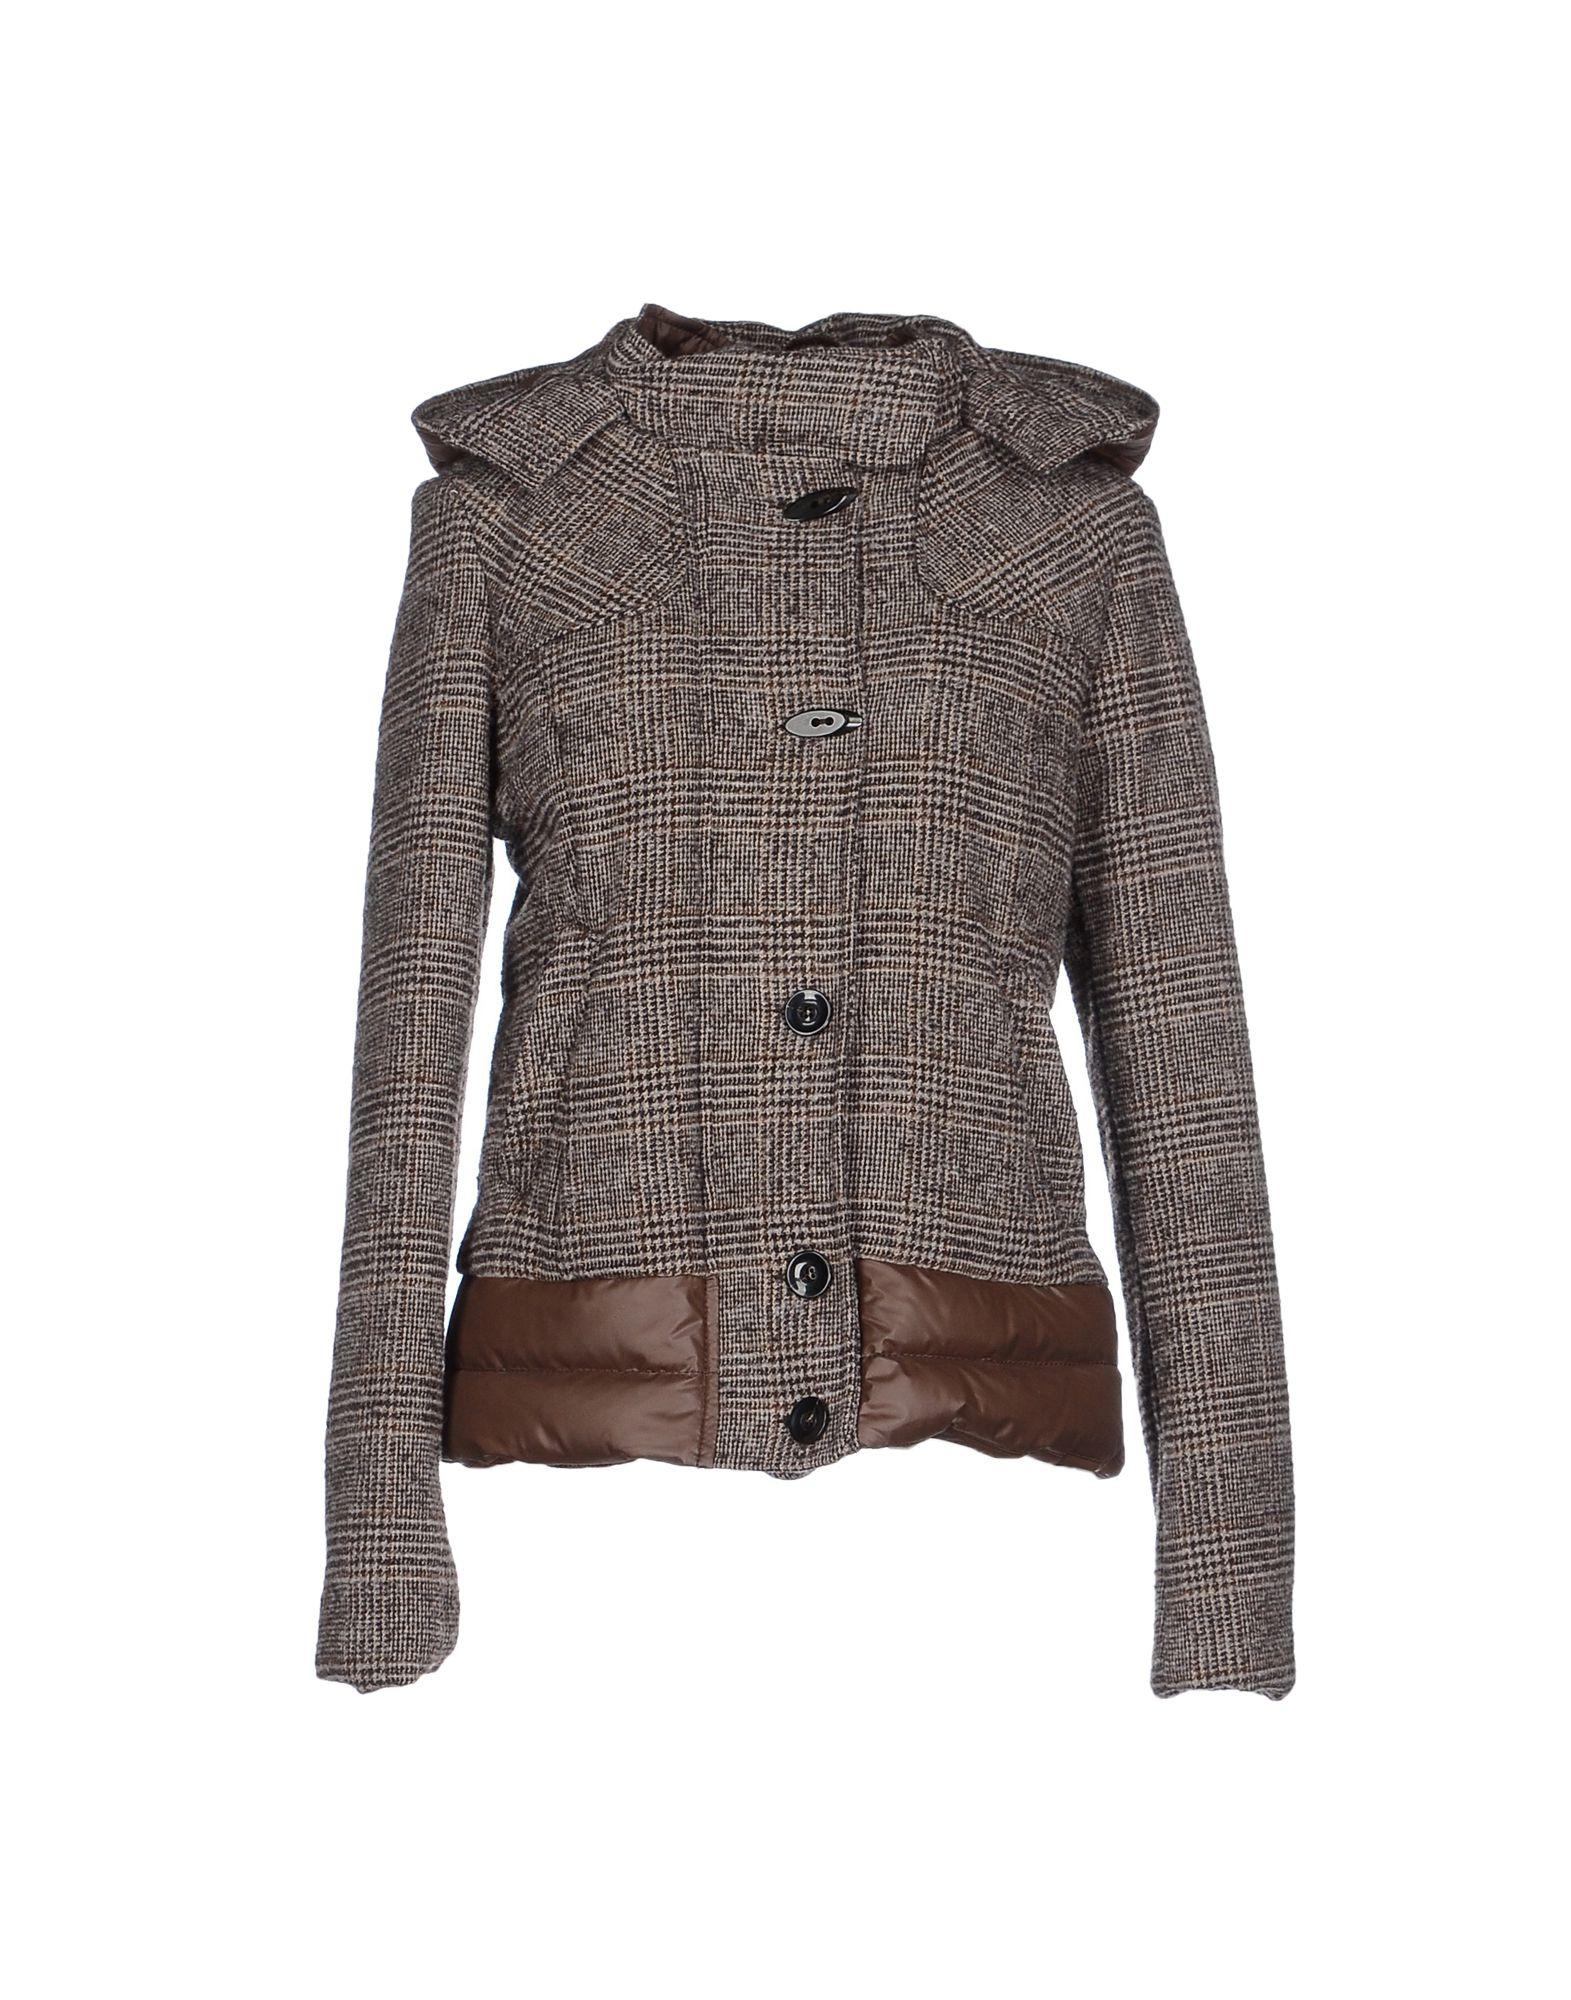 harmont and blaine jacket - photo #16